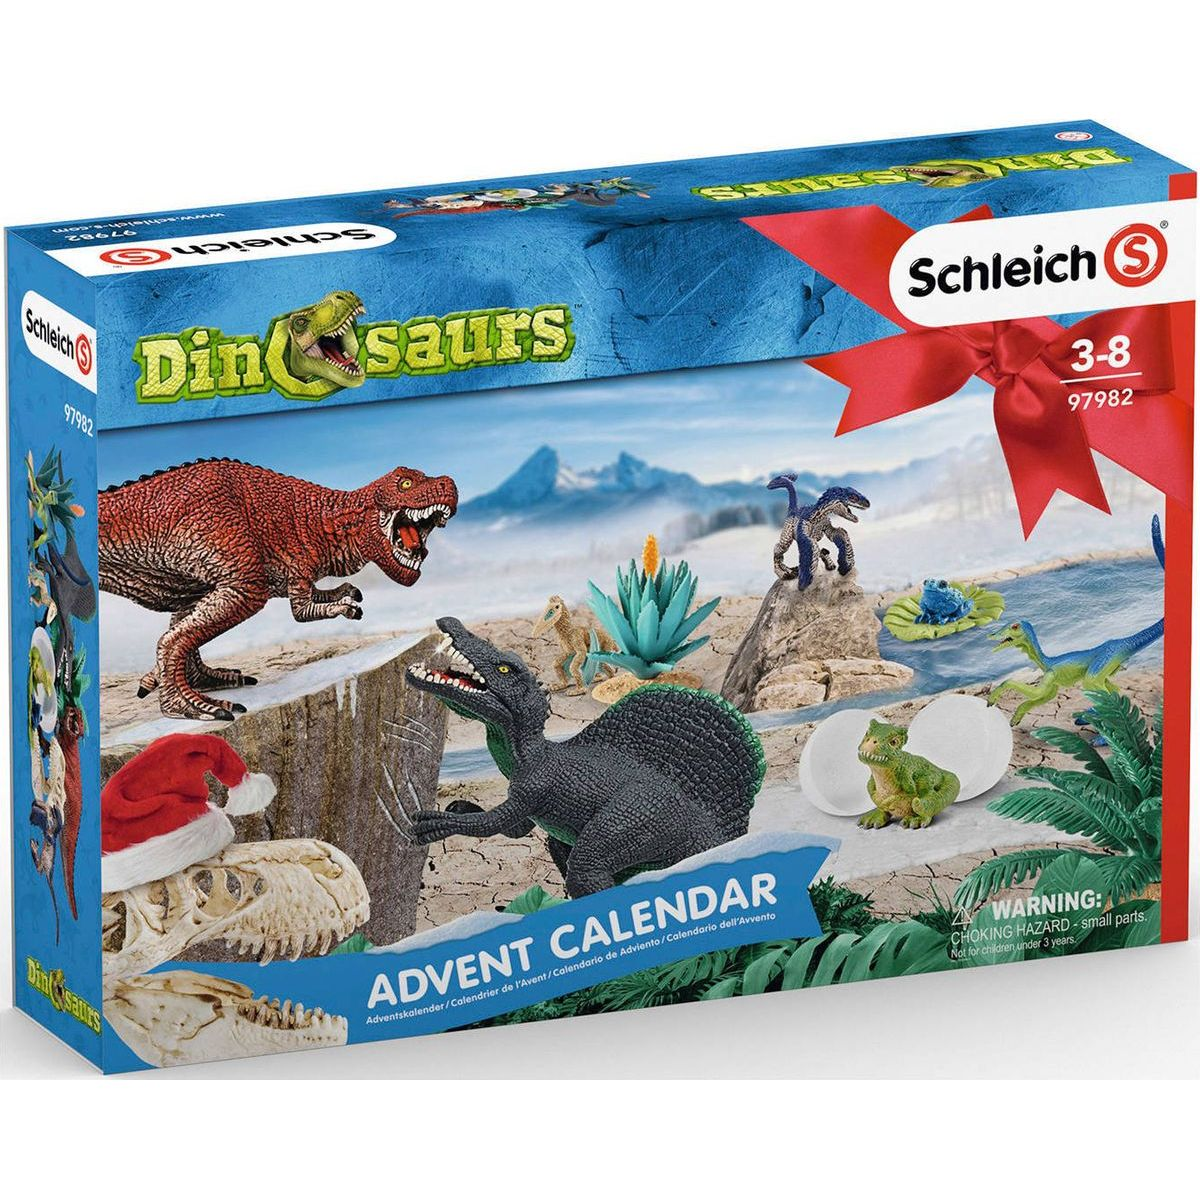 Schleich Adventní kalendář 2019 Dinosauři